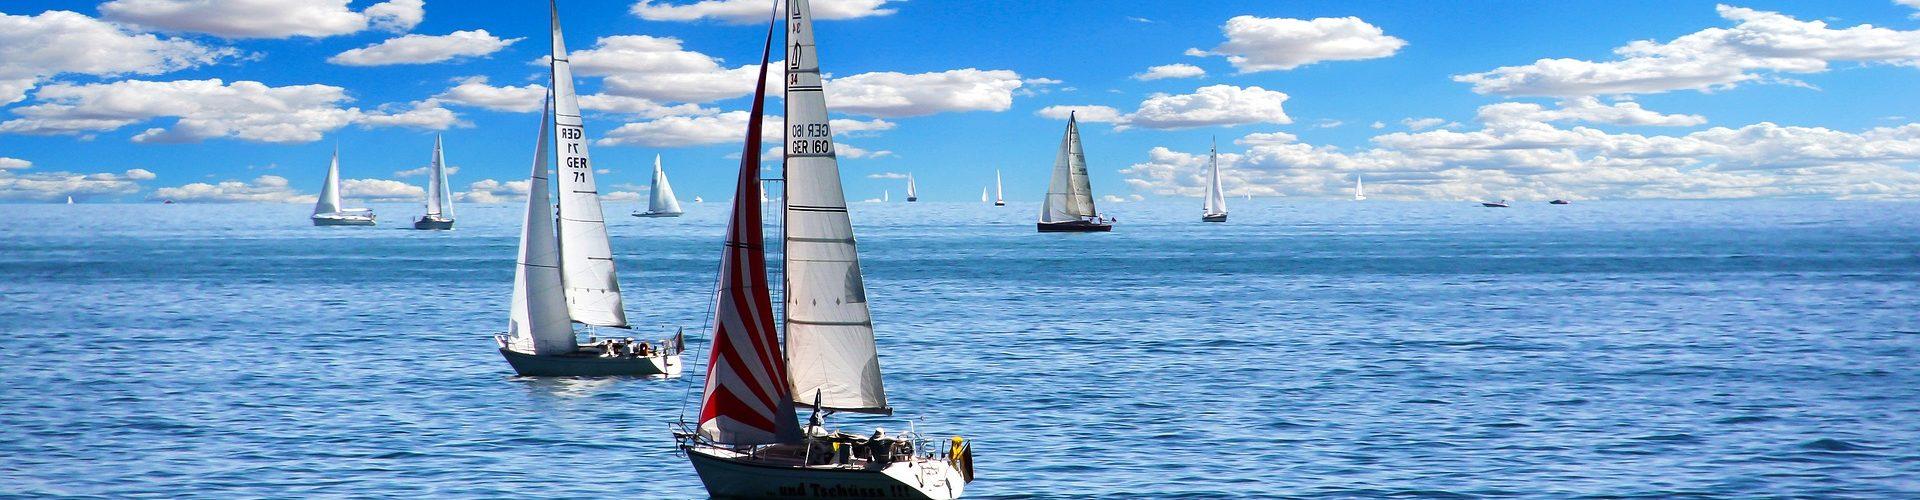 segeln lernen in Saarlouis segelschein machen in Saarlouis 1920x500 - Segeln lernen in Saarlouis